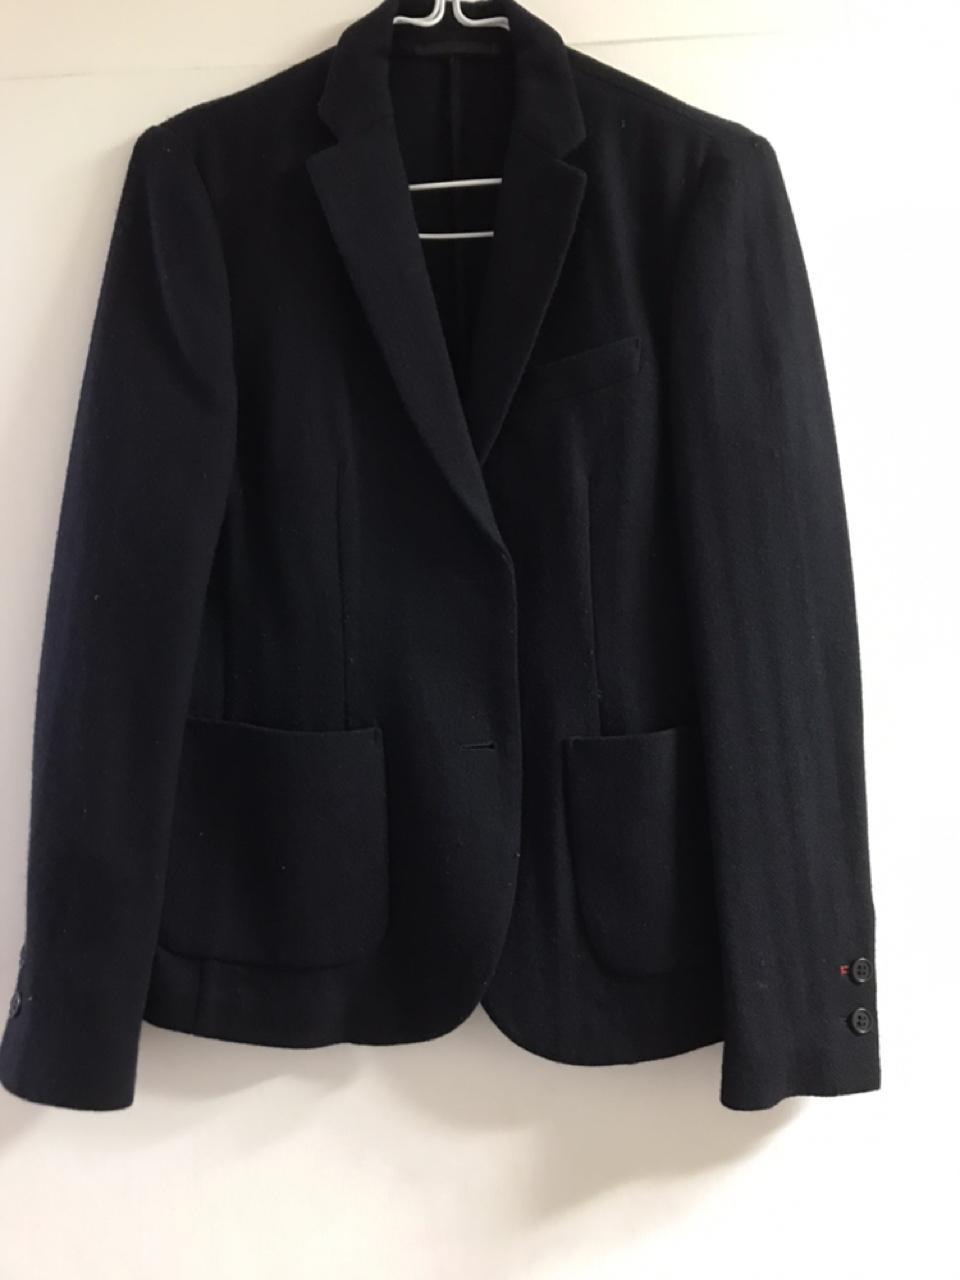 유니클로 겨울 자켓 검정자켓